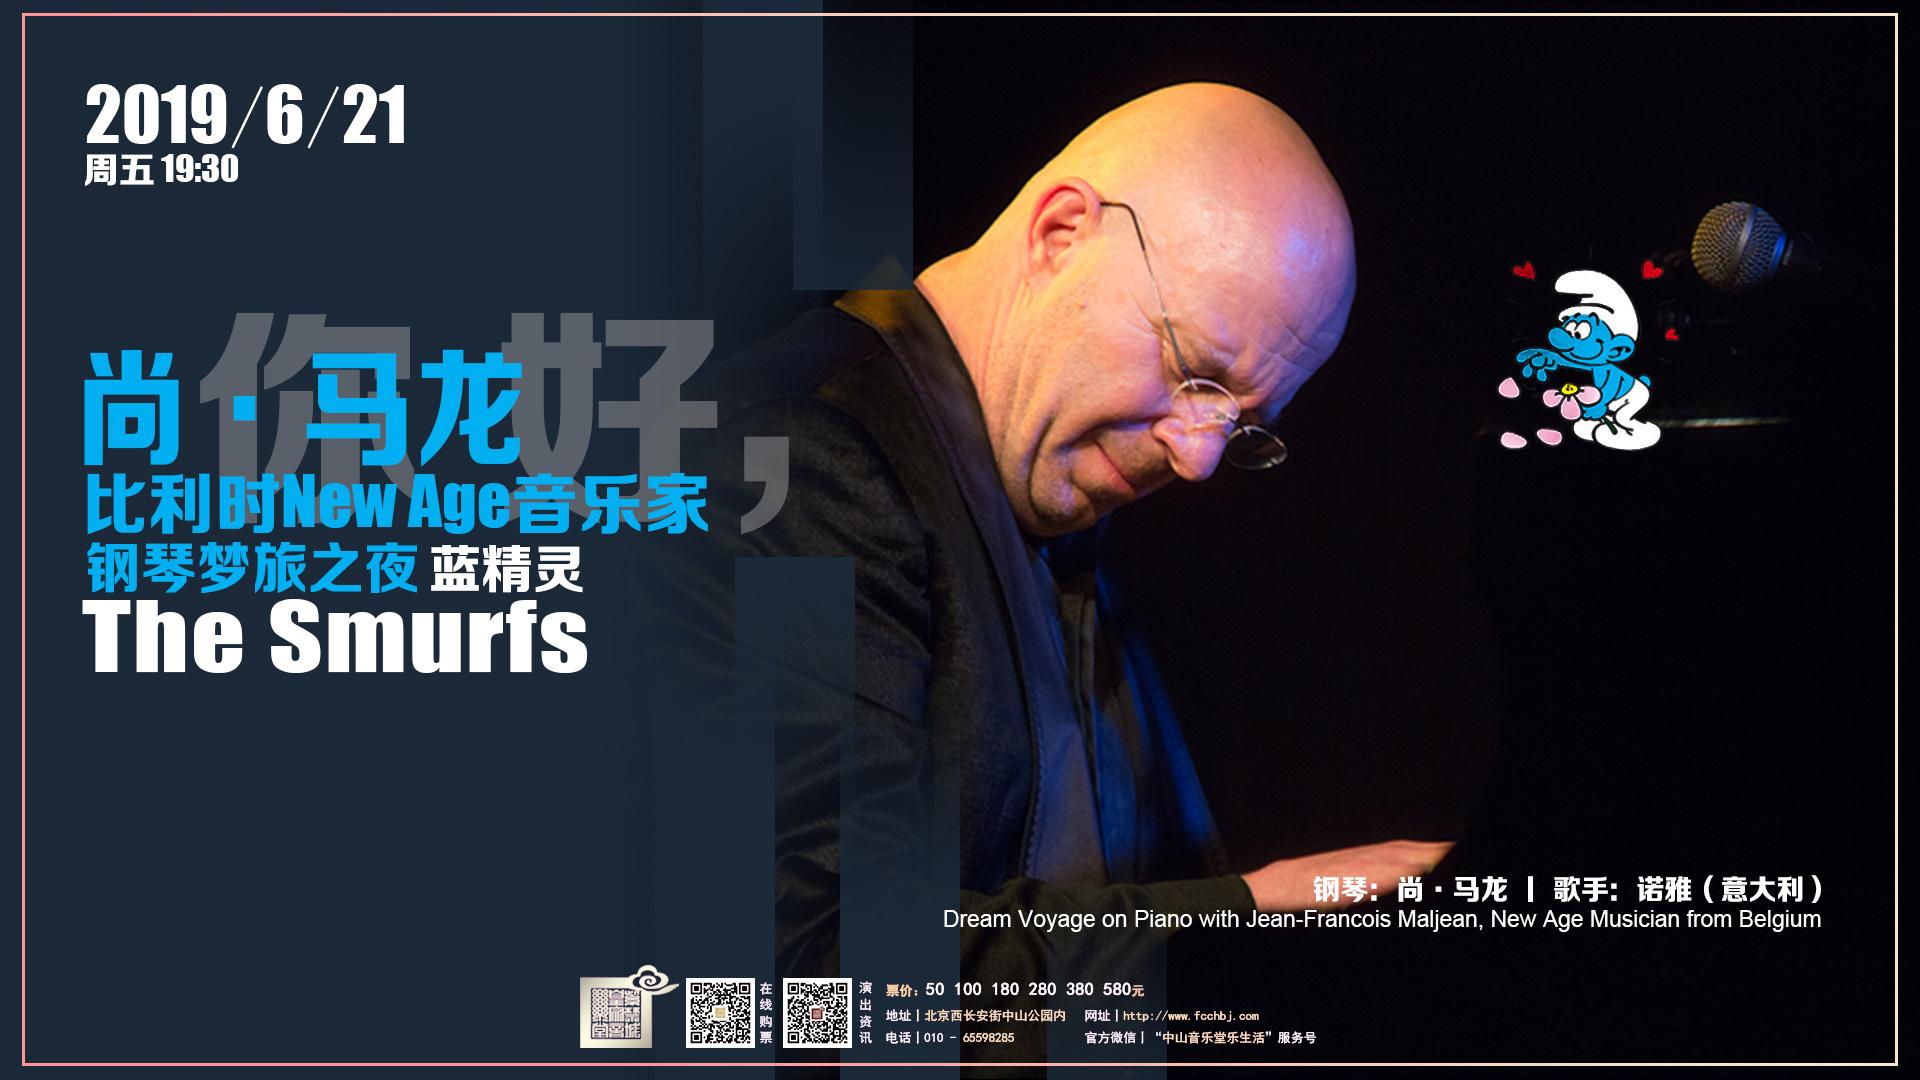 19.6.21你好,蓝精灵—比利时New-Age音乐家尚·马龙钢琴梦旅之夜.2.jpg